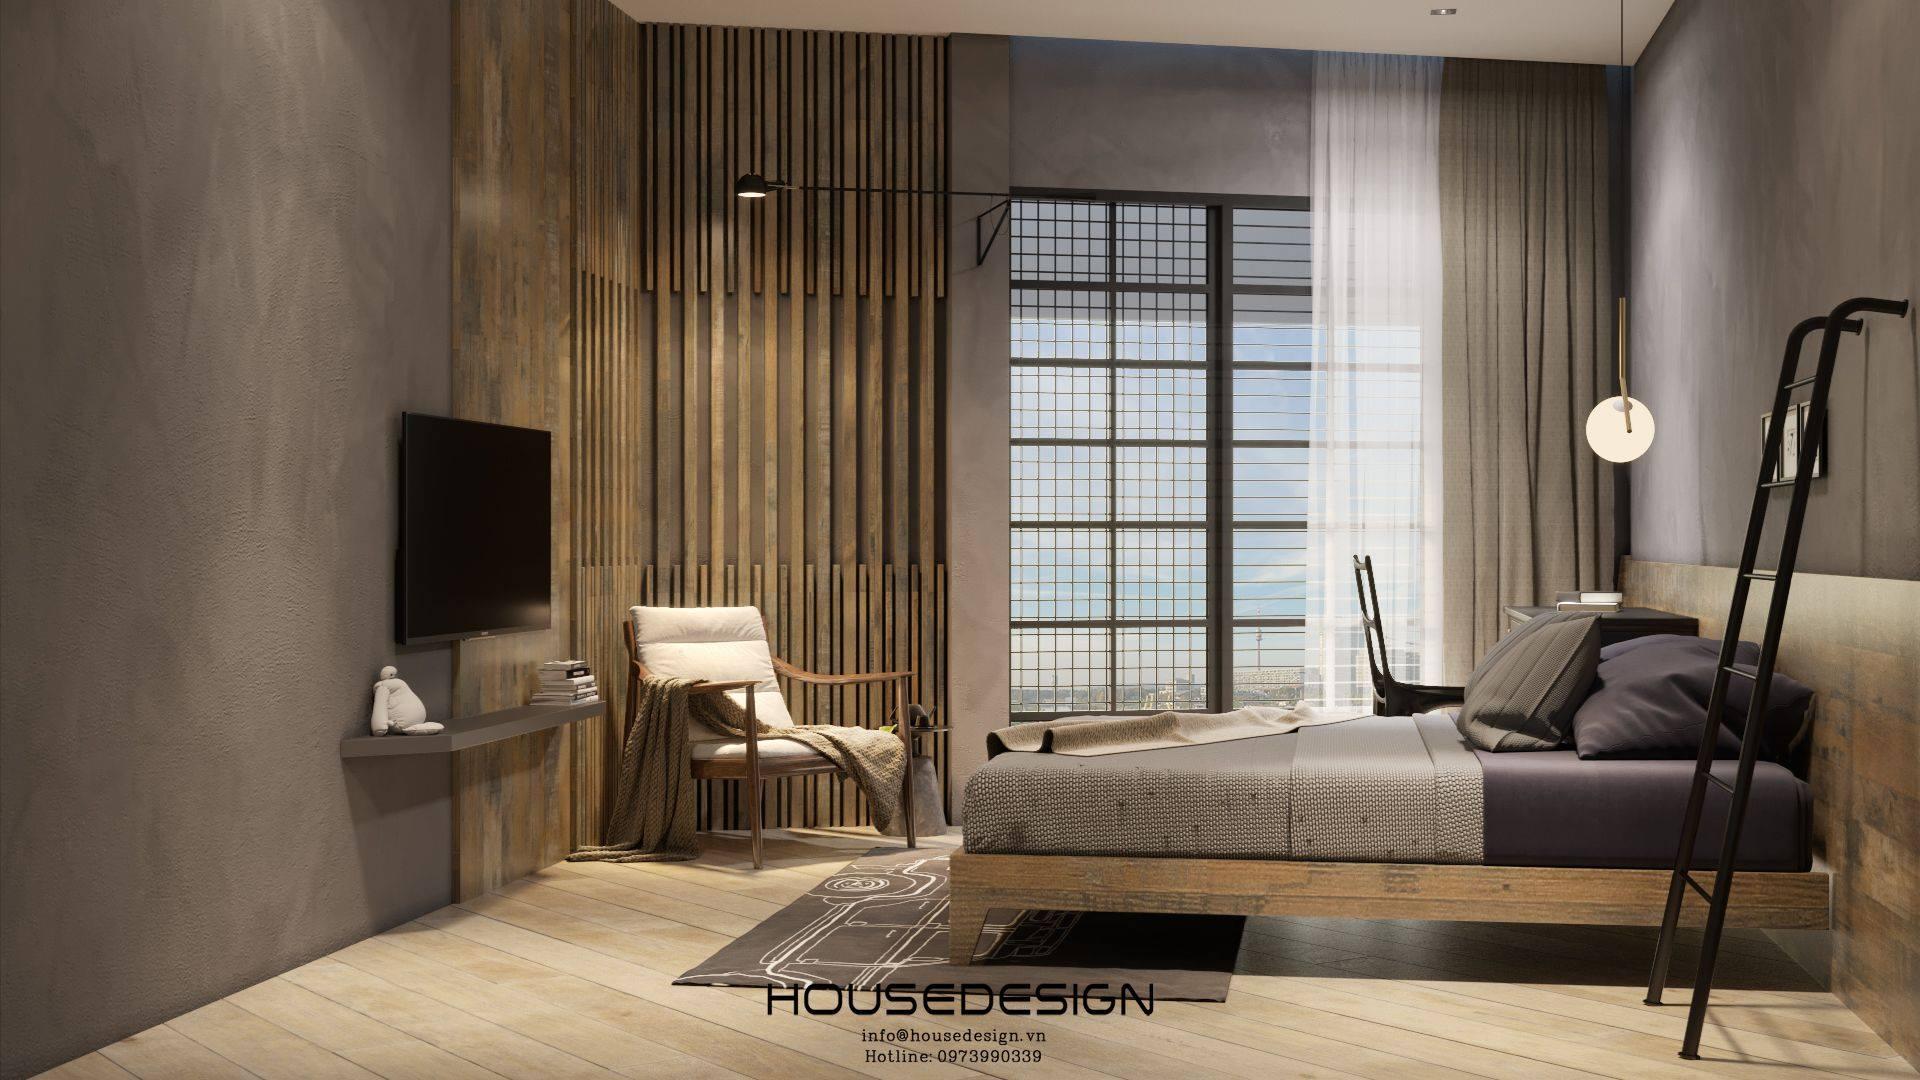 thiết kế phòng khách sạn - Housedesign